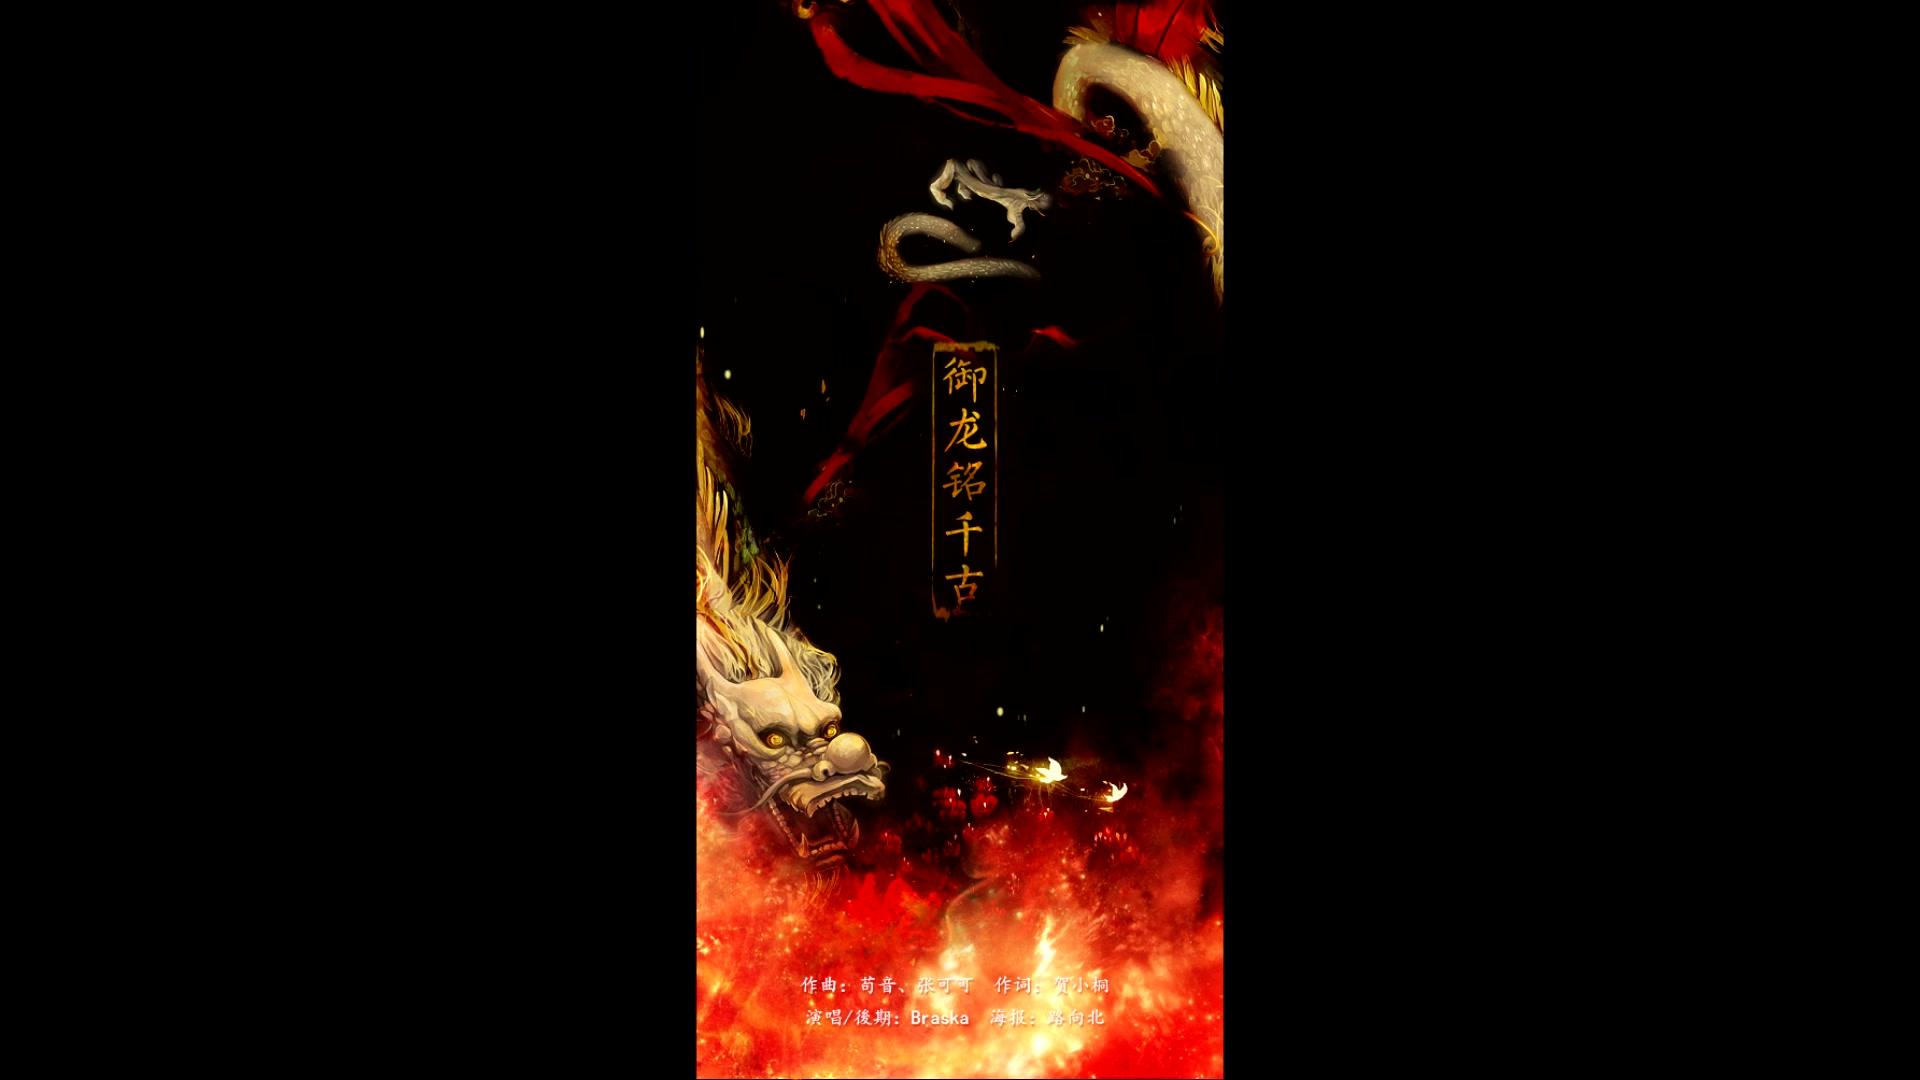 【Braska】林志炫-御龍銘千古_嗶哩嗶哩 (゜-゜)つロ 干杯~-bilibili